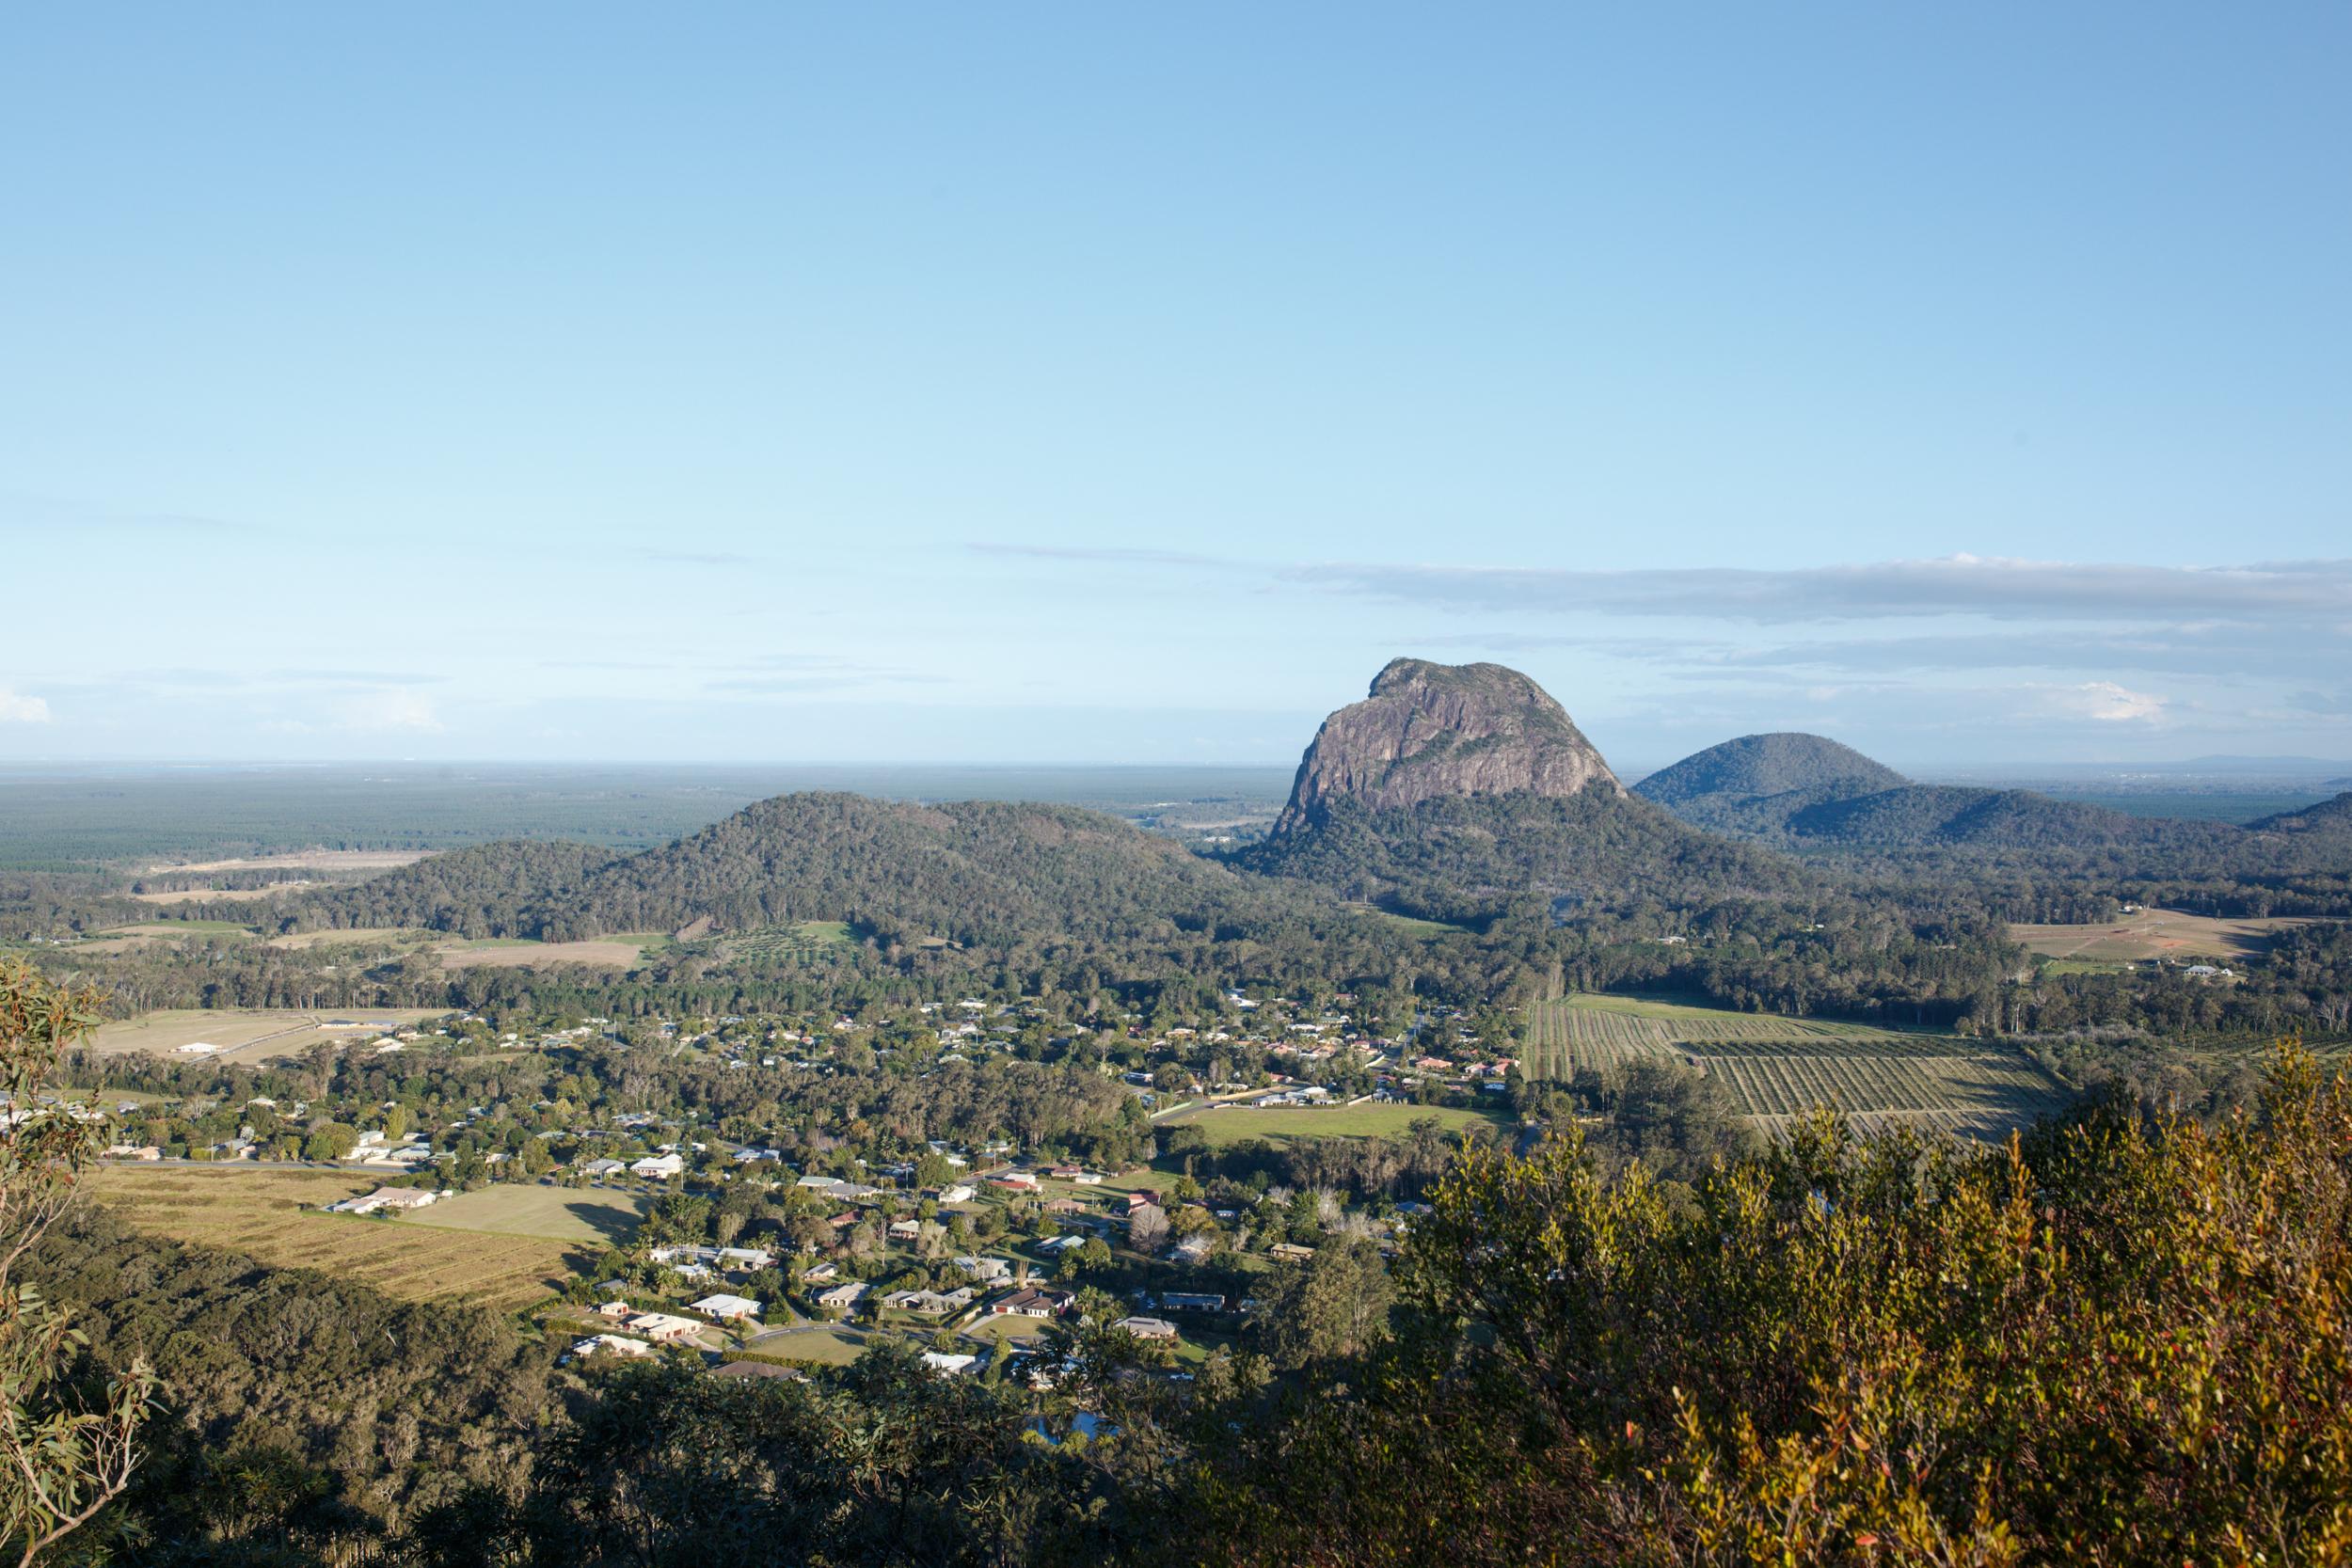 Mount Tibrogargan in the distance.